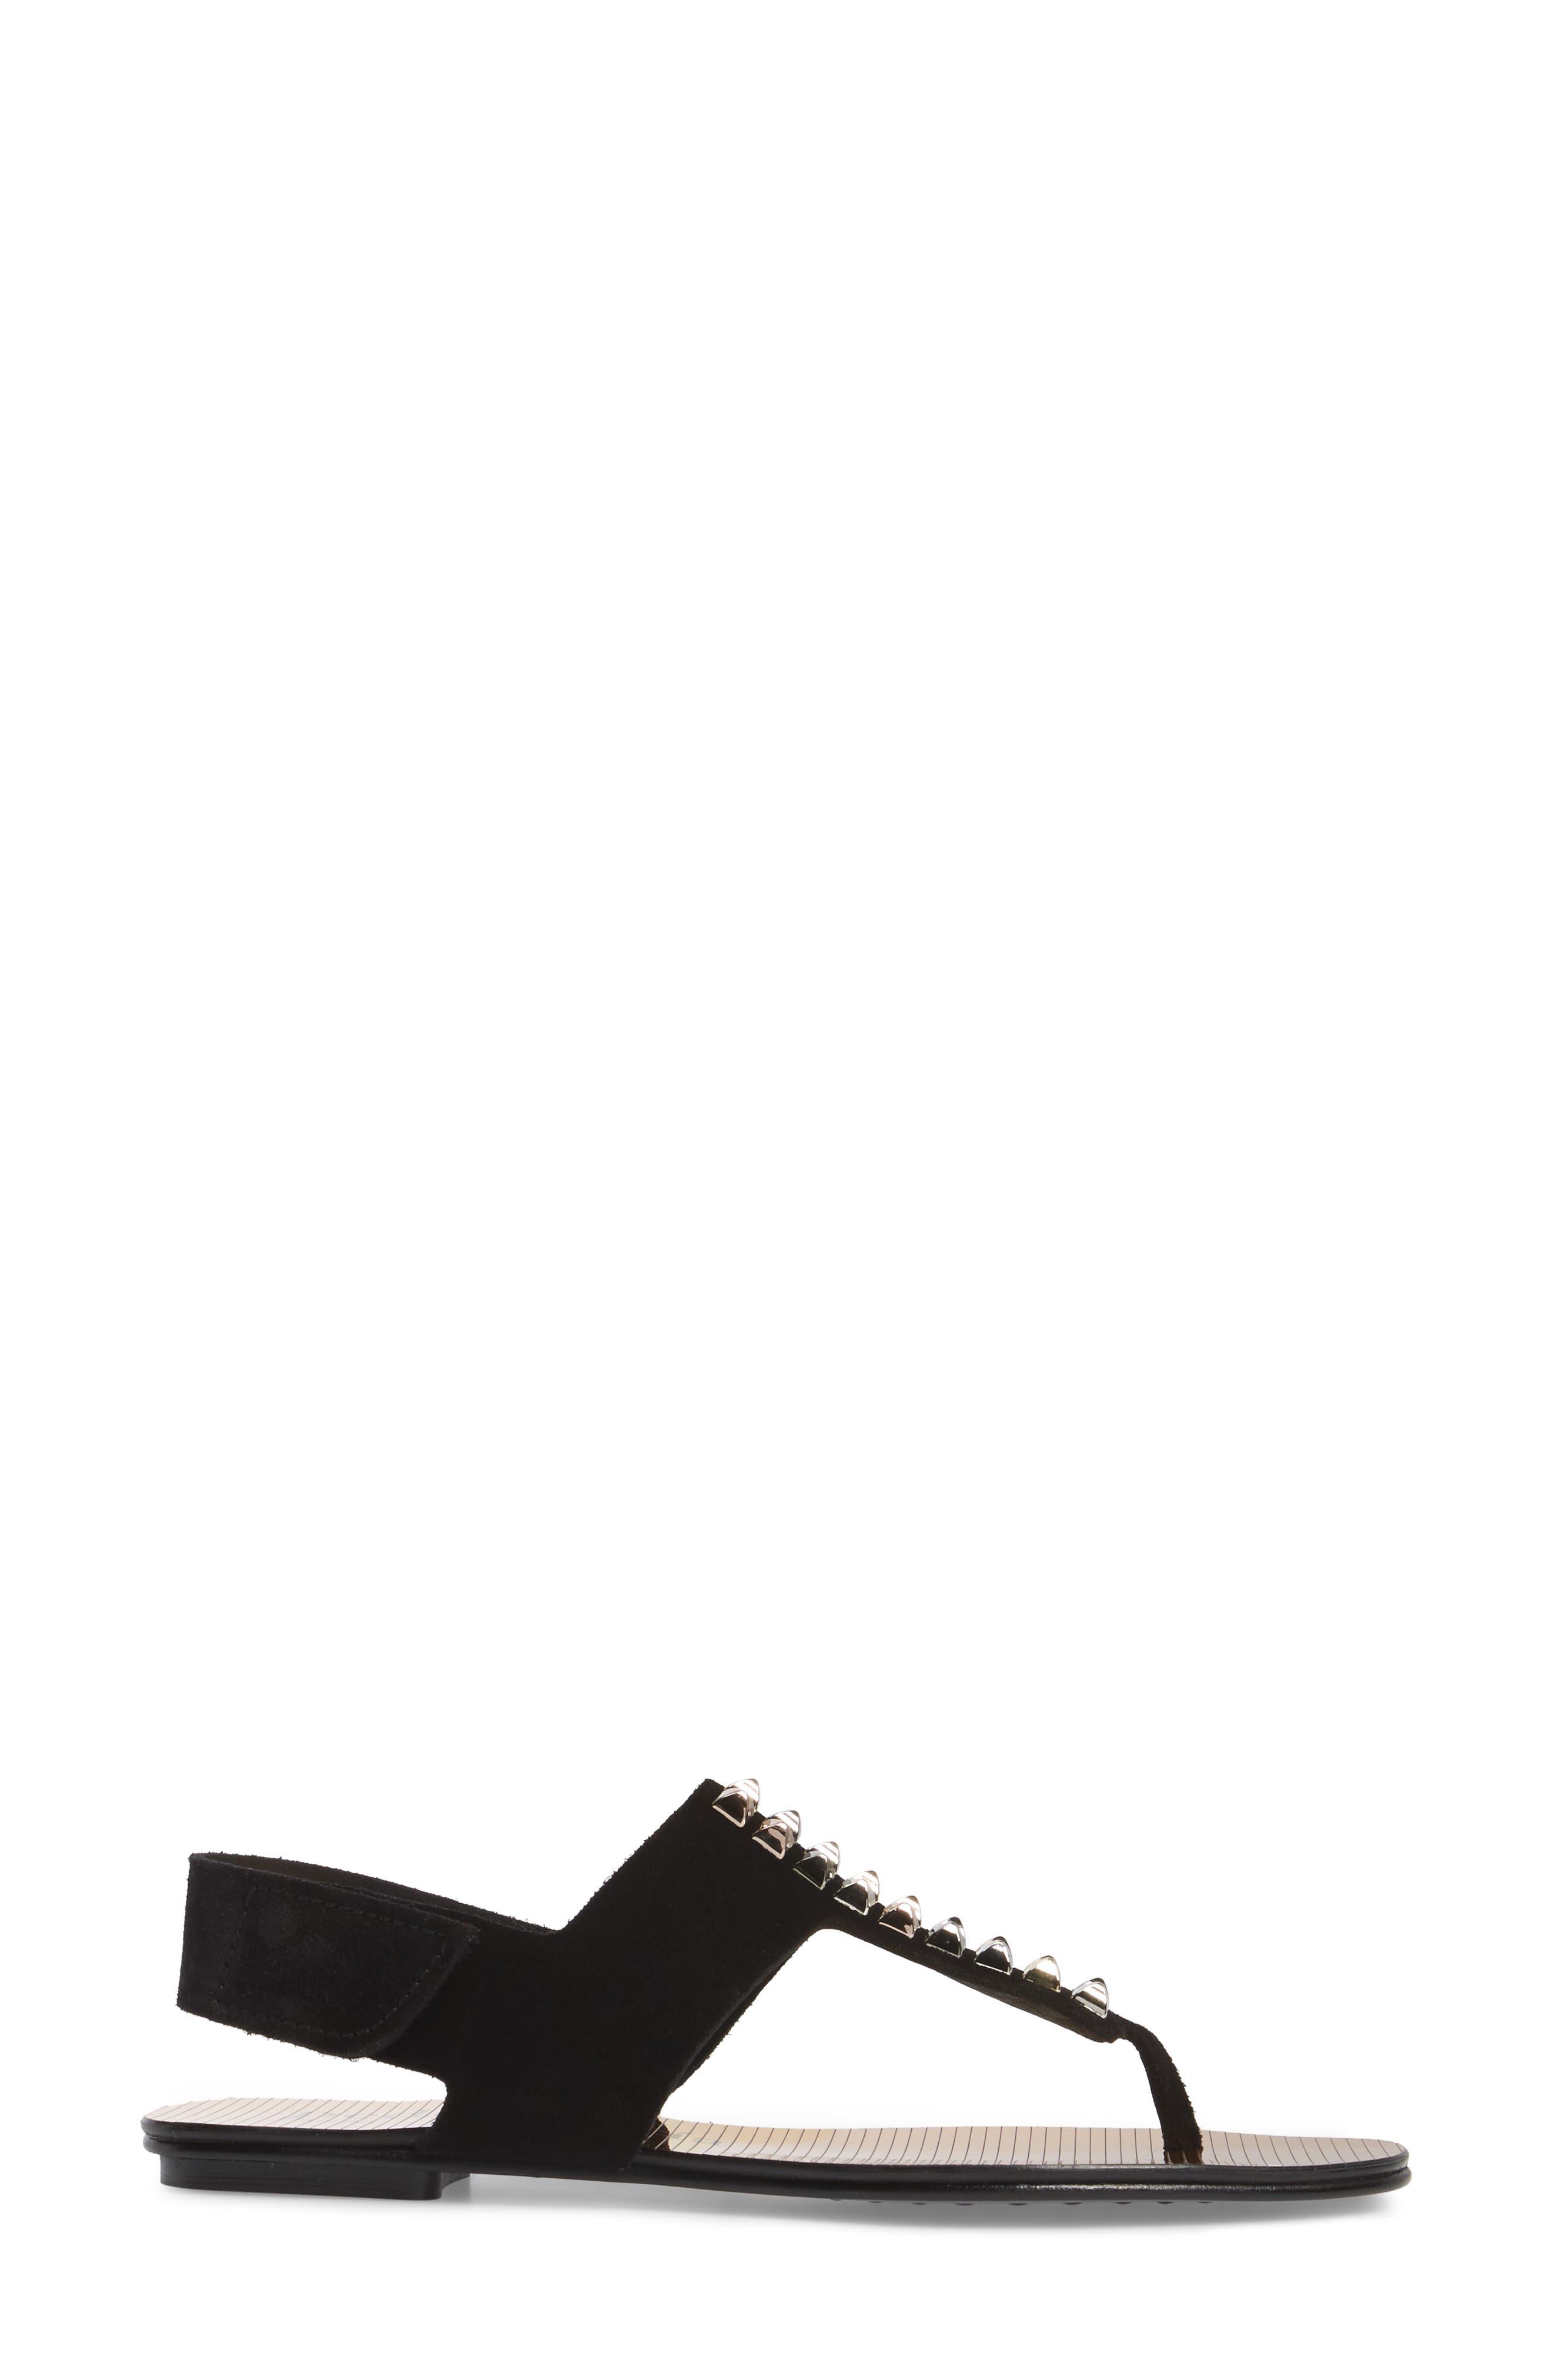 Alternate Image 3  - Pedro Garcia Enid Studded T-Strap Sandal (Women)